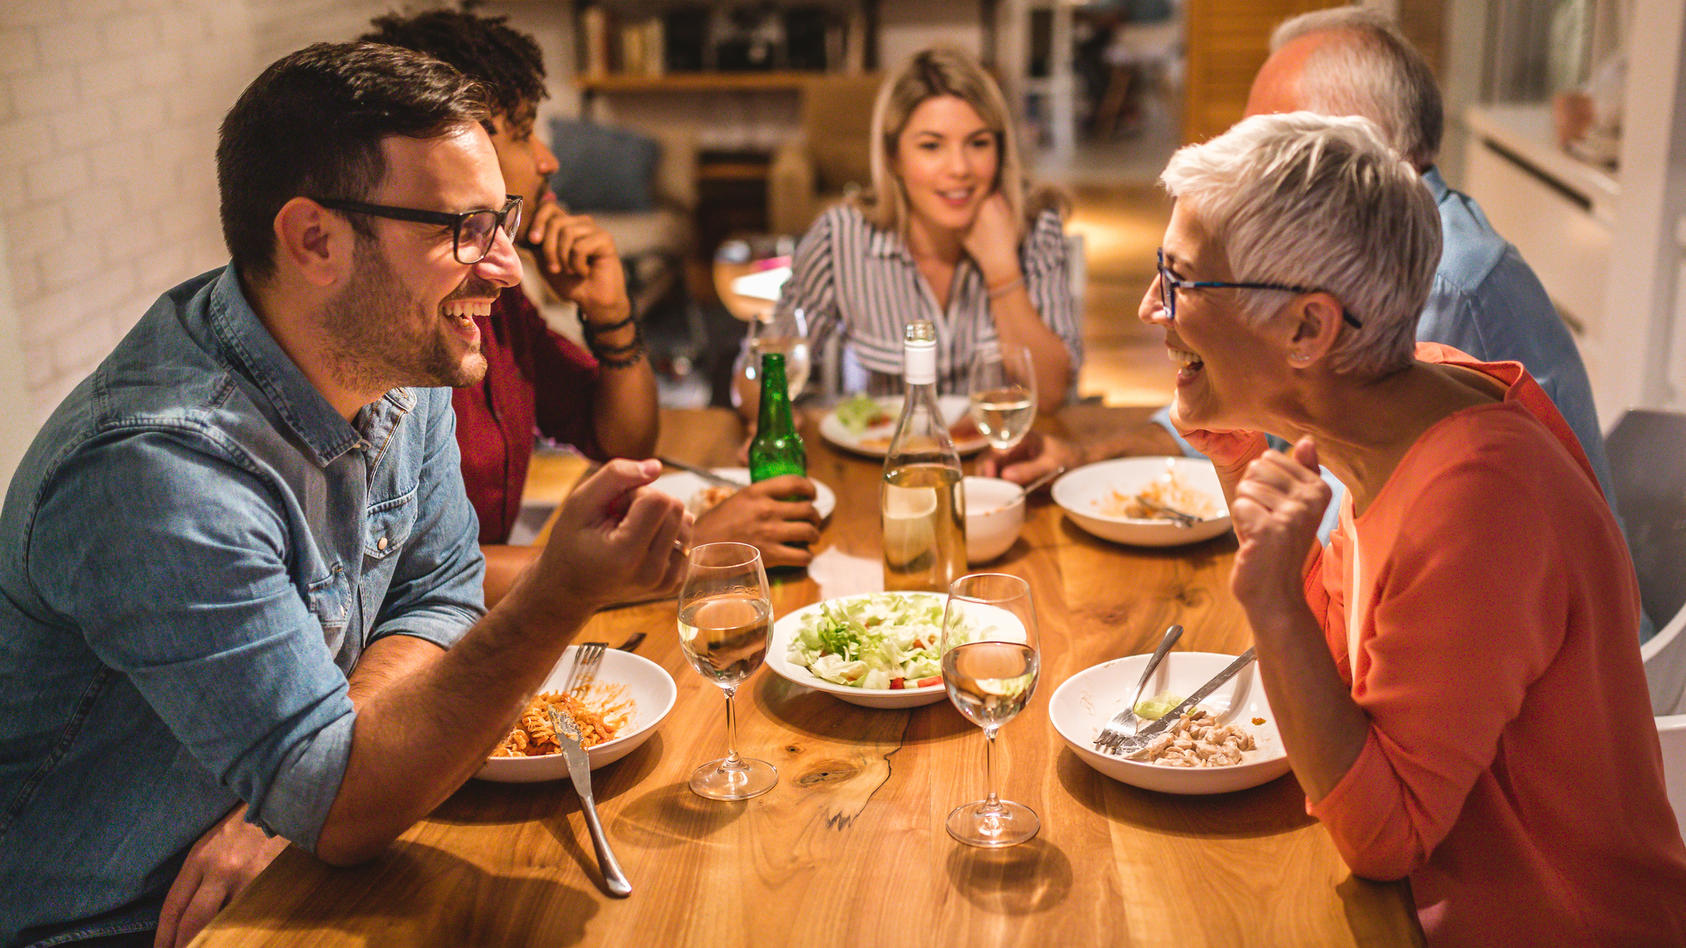 Fallen Besuche bei der Familie oder bei Freunden unter die Kontaktbeschränkung?